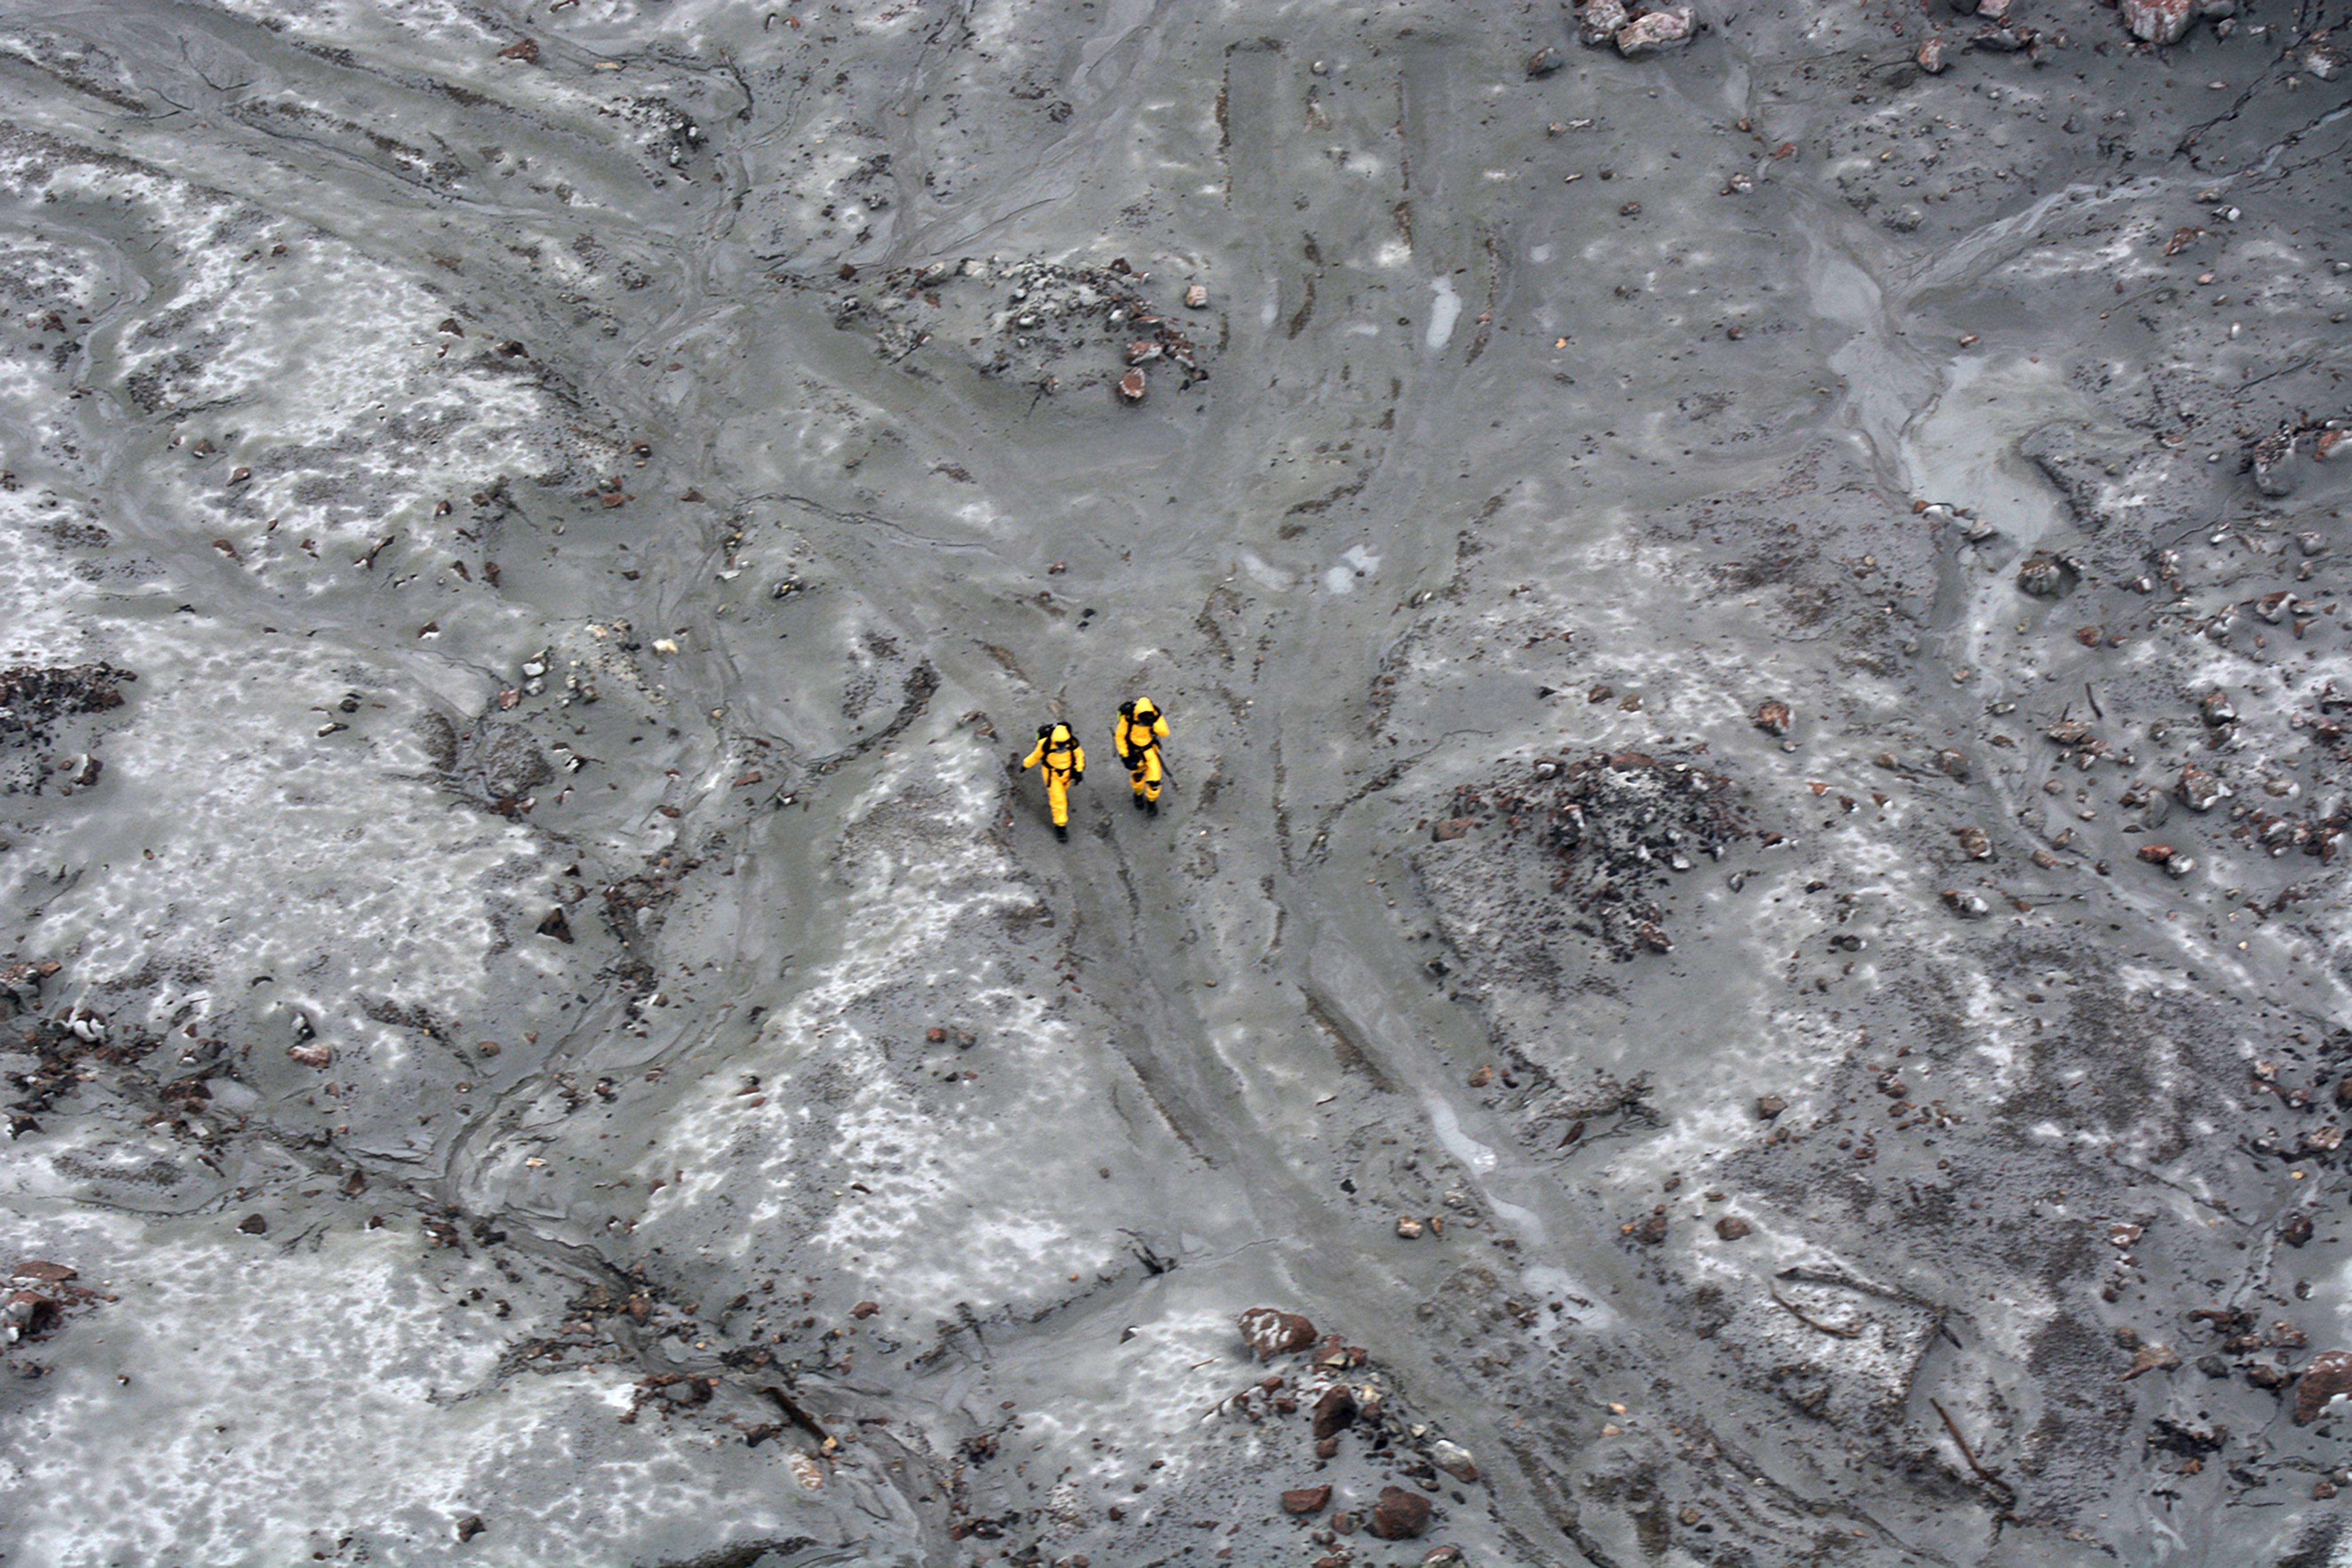 Hat holttestet sikerült kihozni az új-zélandi szigetről a vulkánkitörés után